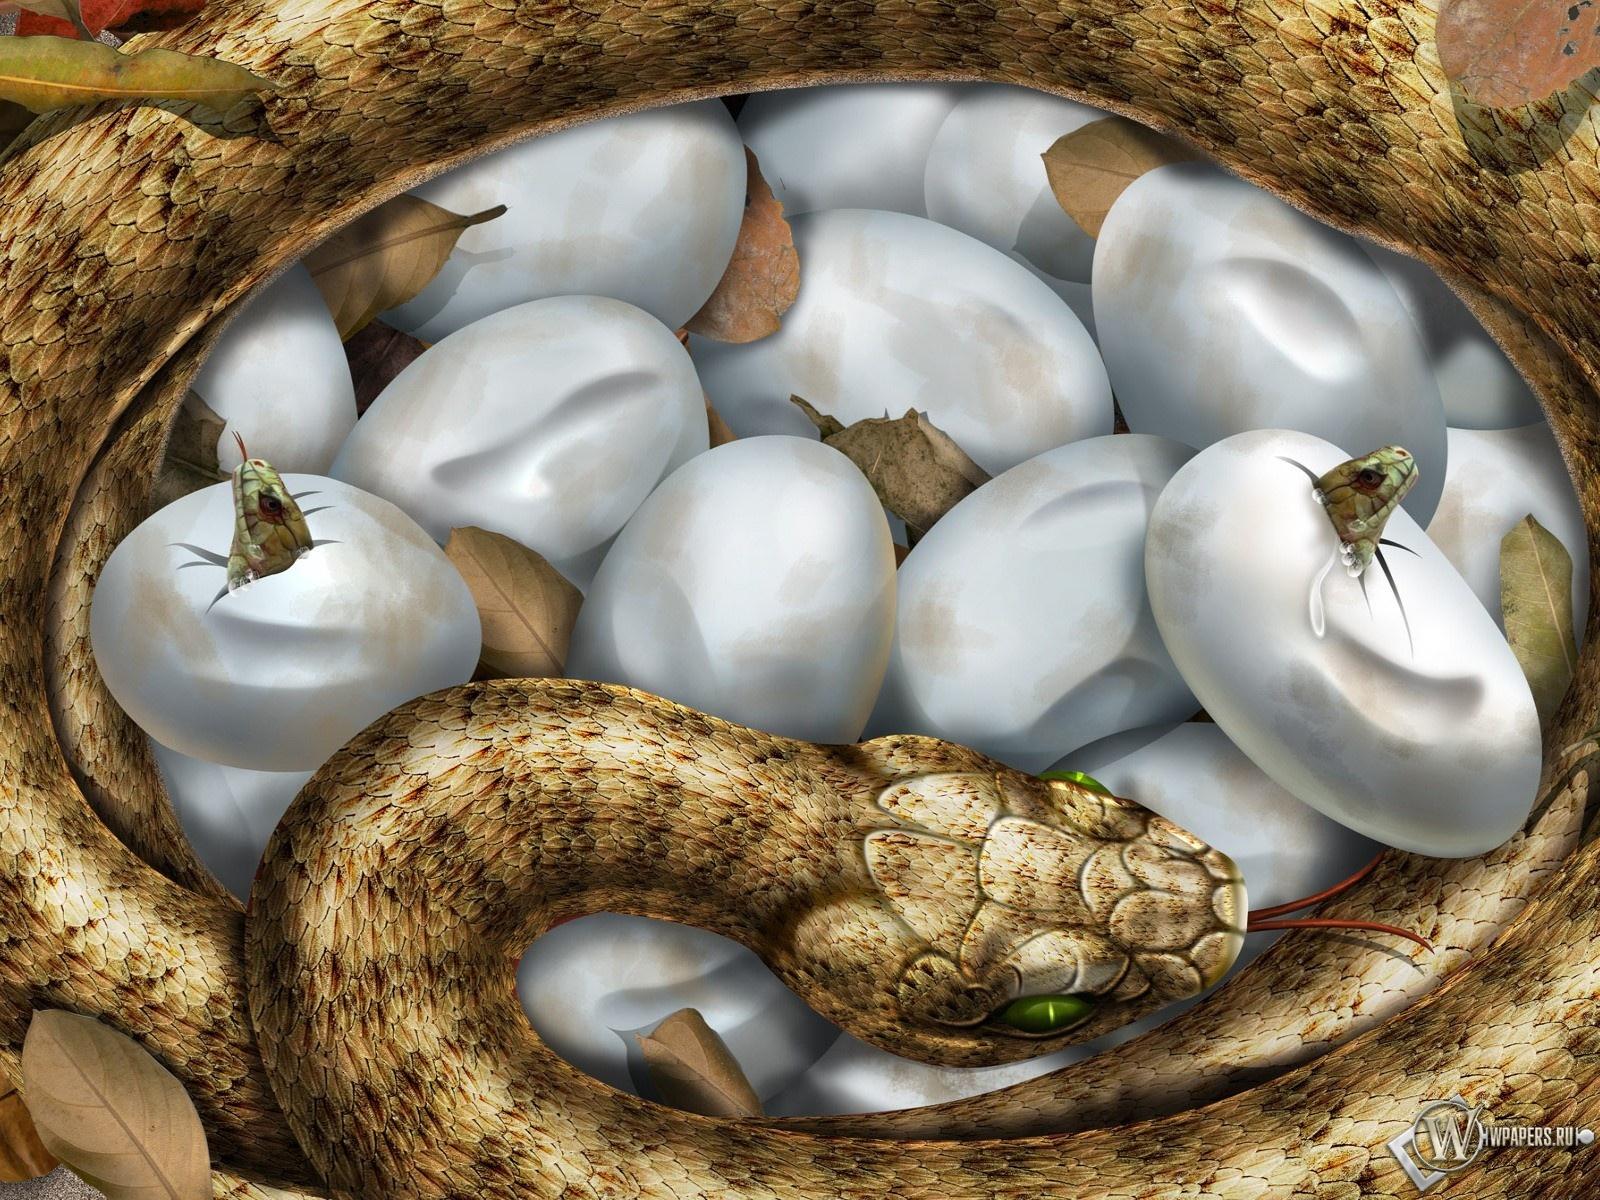 Змеиные яйца 1600x1200